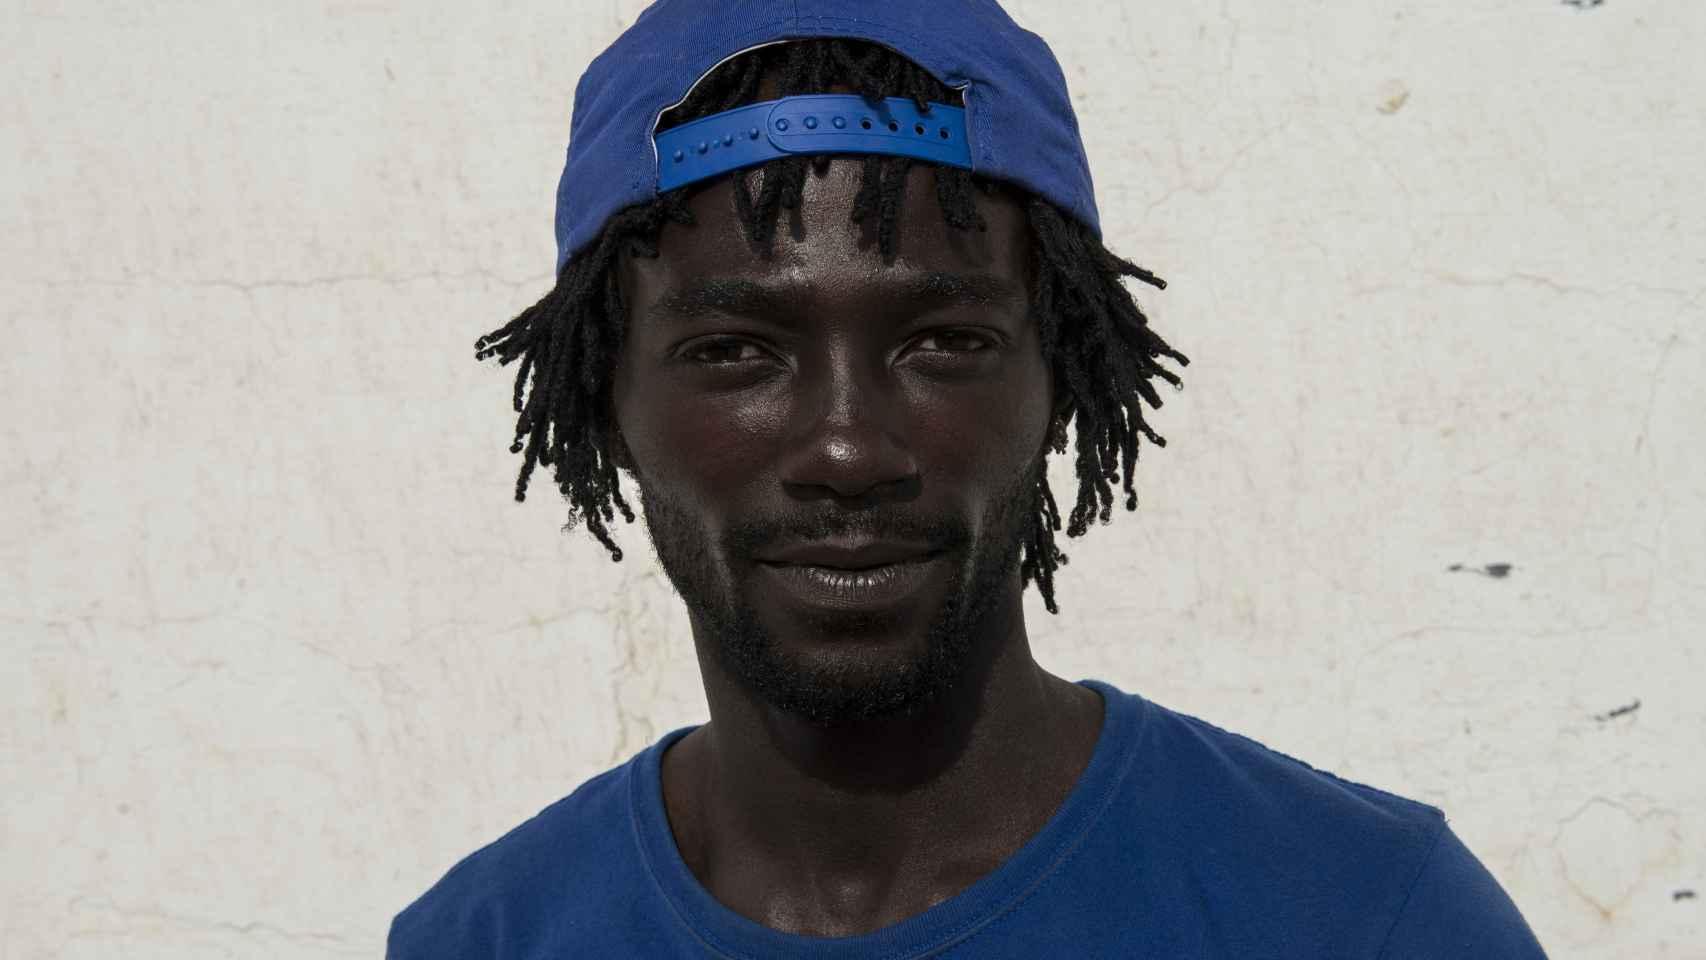 Guengane Yannick habla francés, inglés y ha estudiado informática.